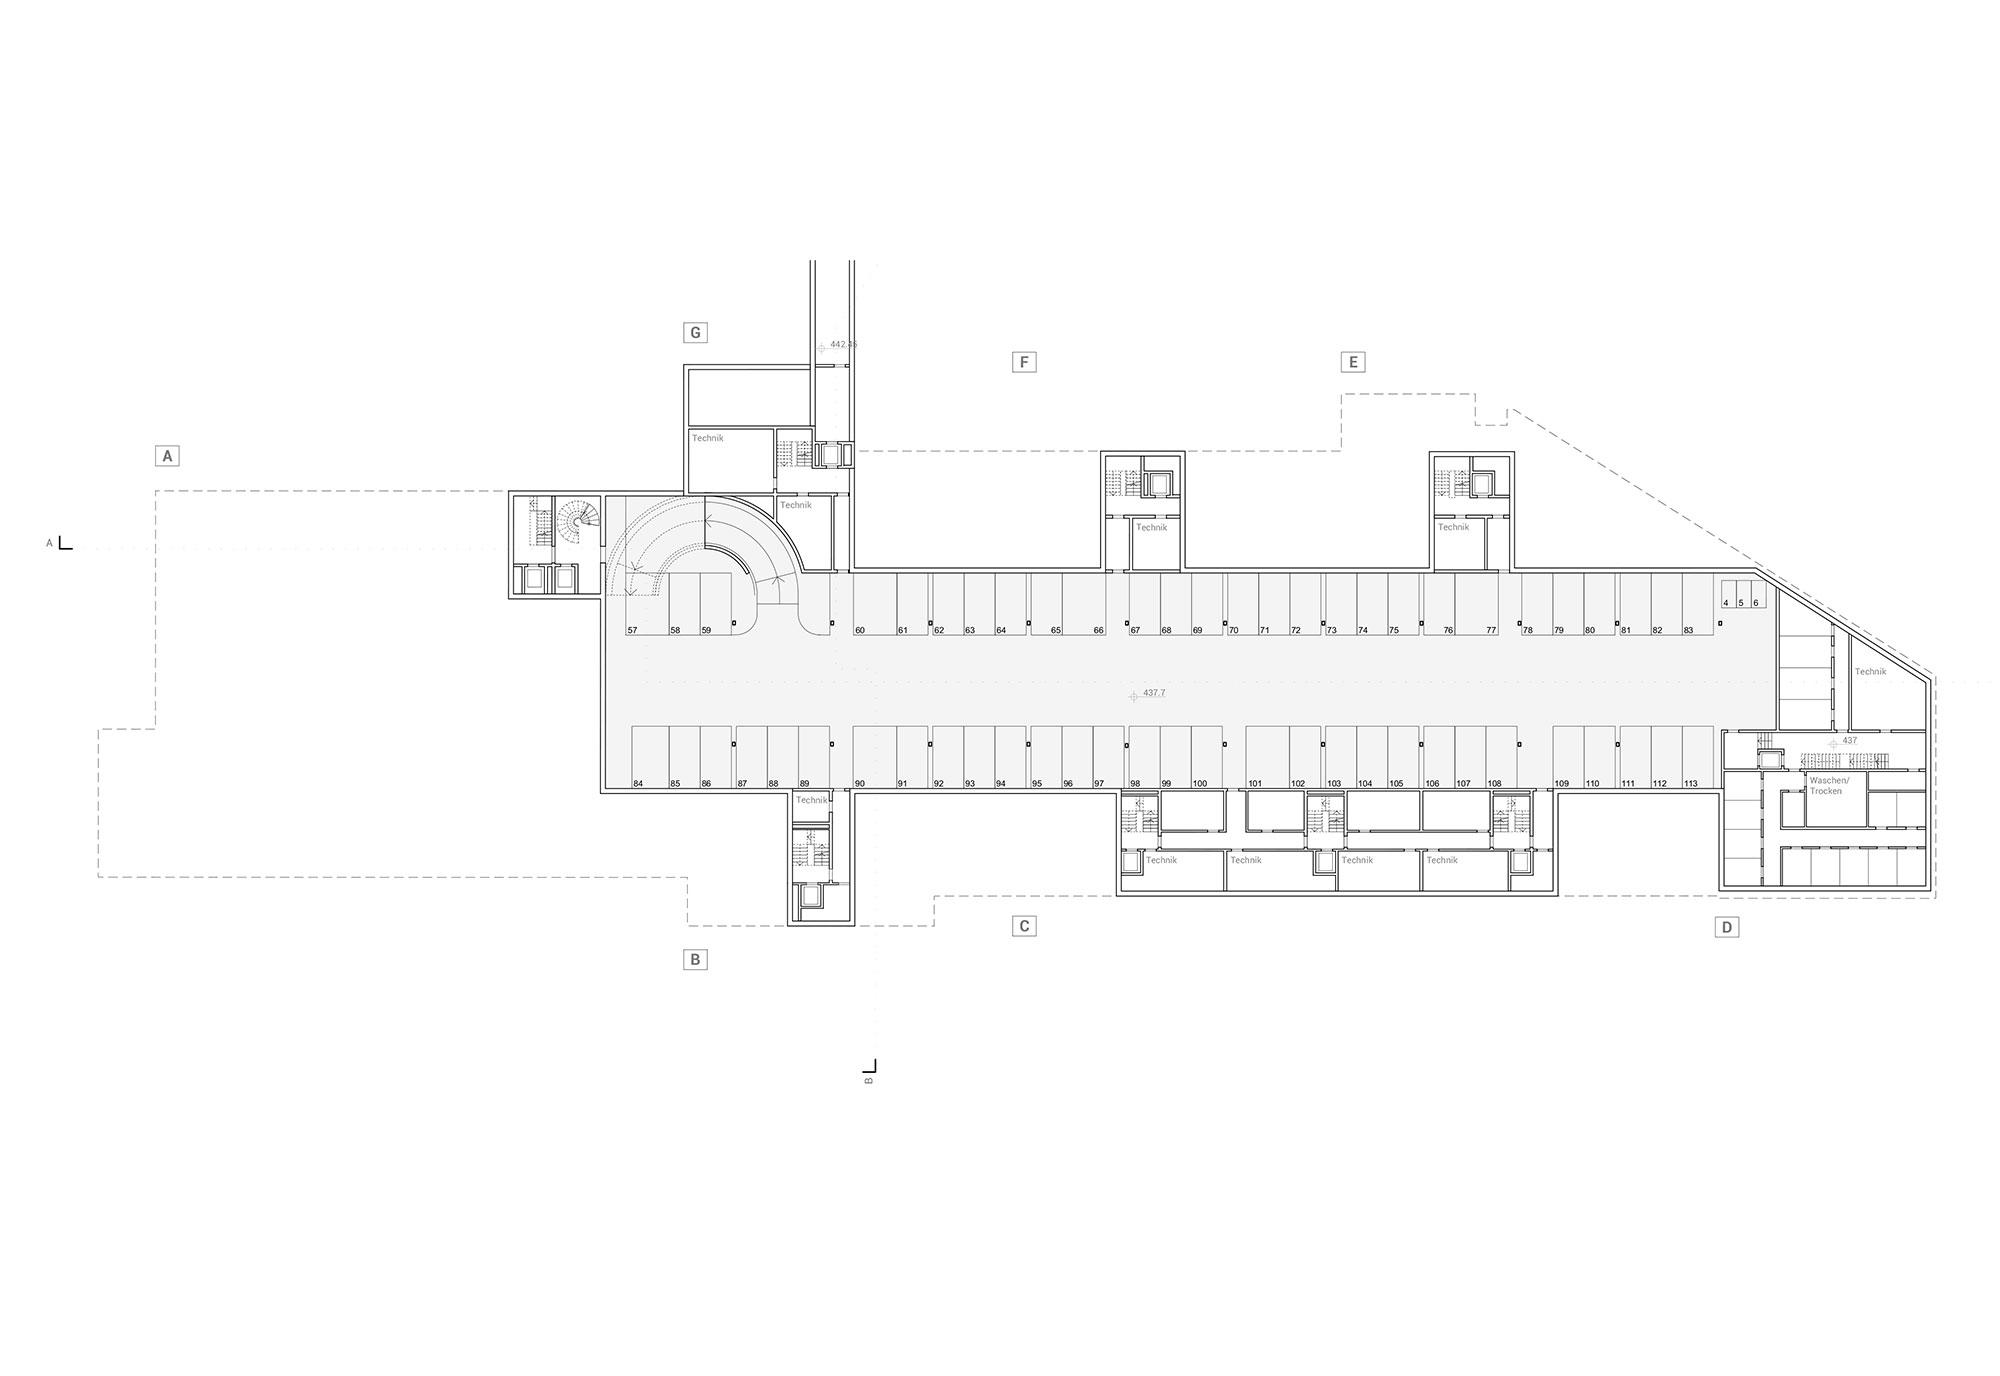 06-hosoya-schaefer-plan.jpg